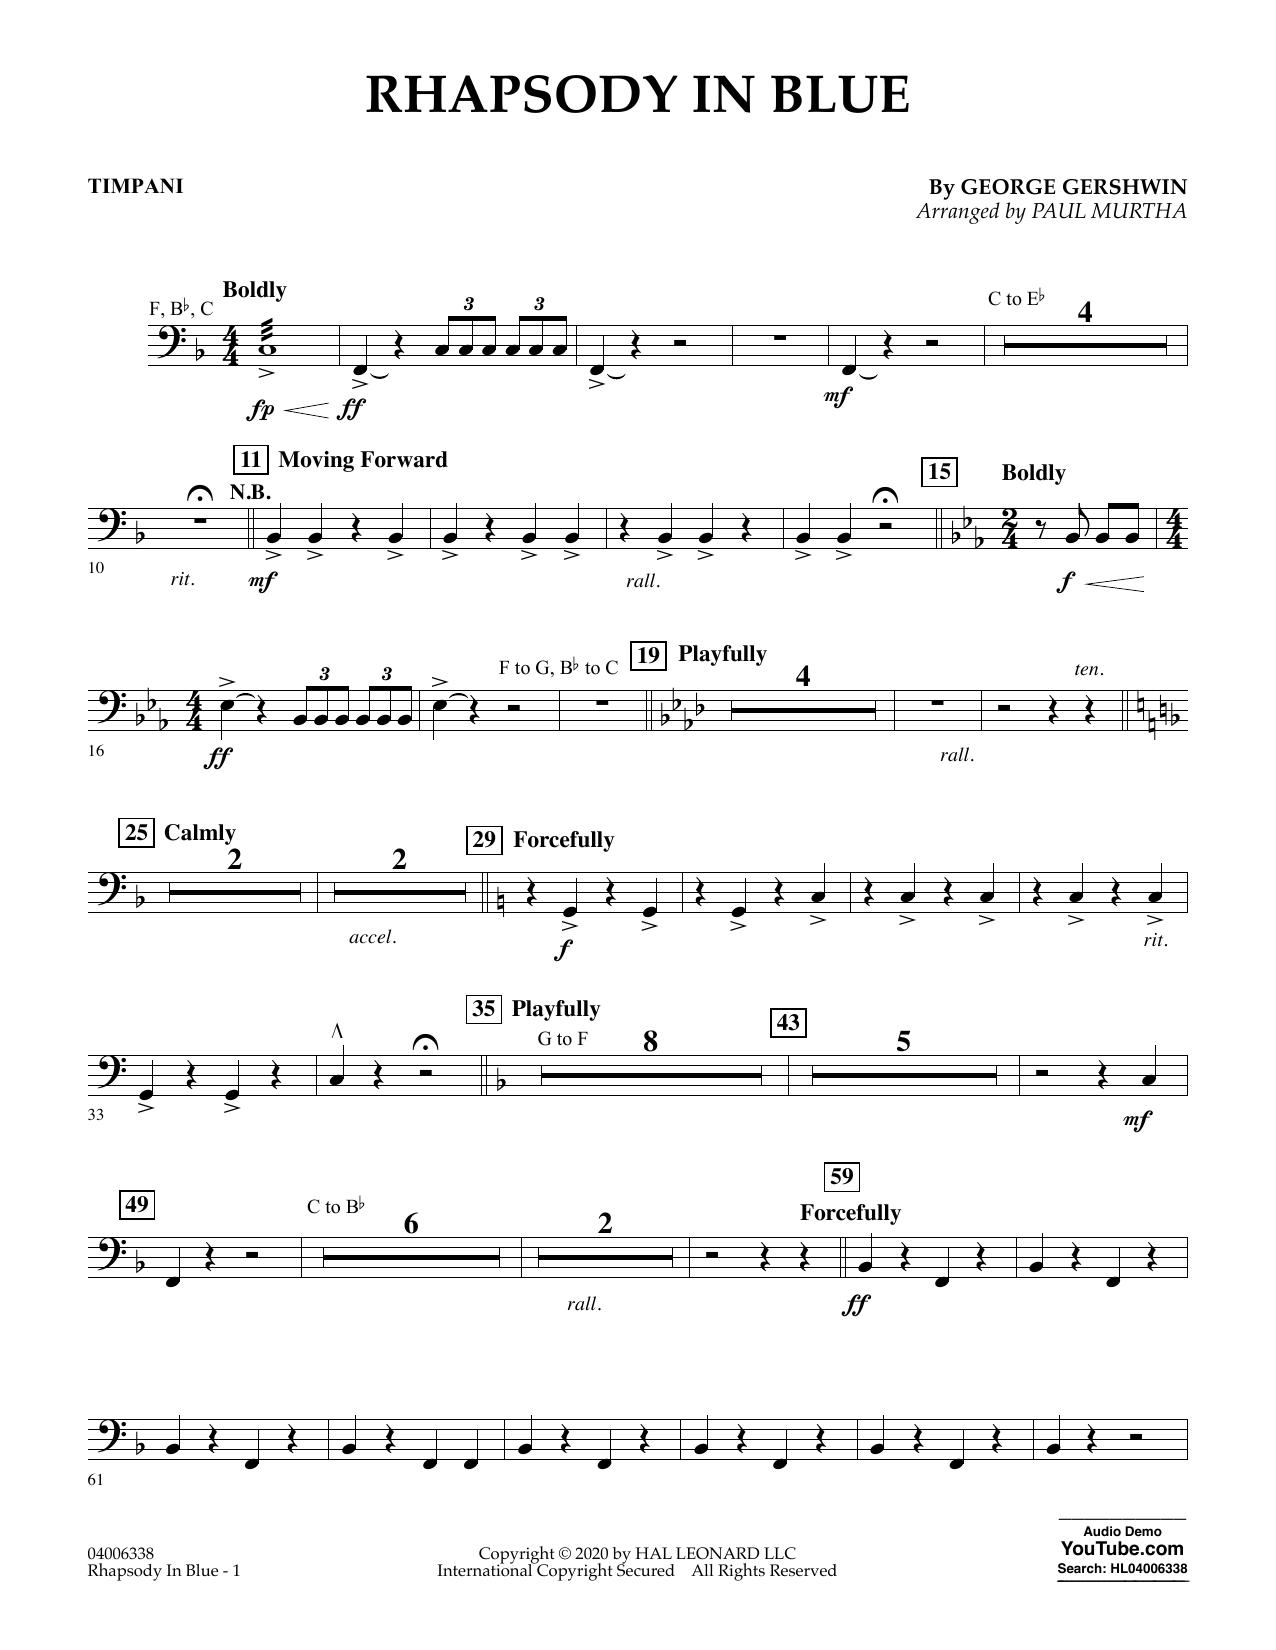 Rhapsody in Blue (arr. Paul Murtha) - Timpani (Flex-Band)